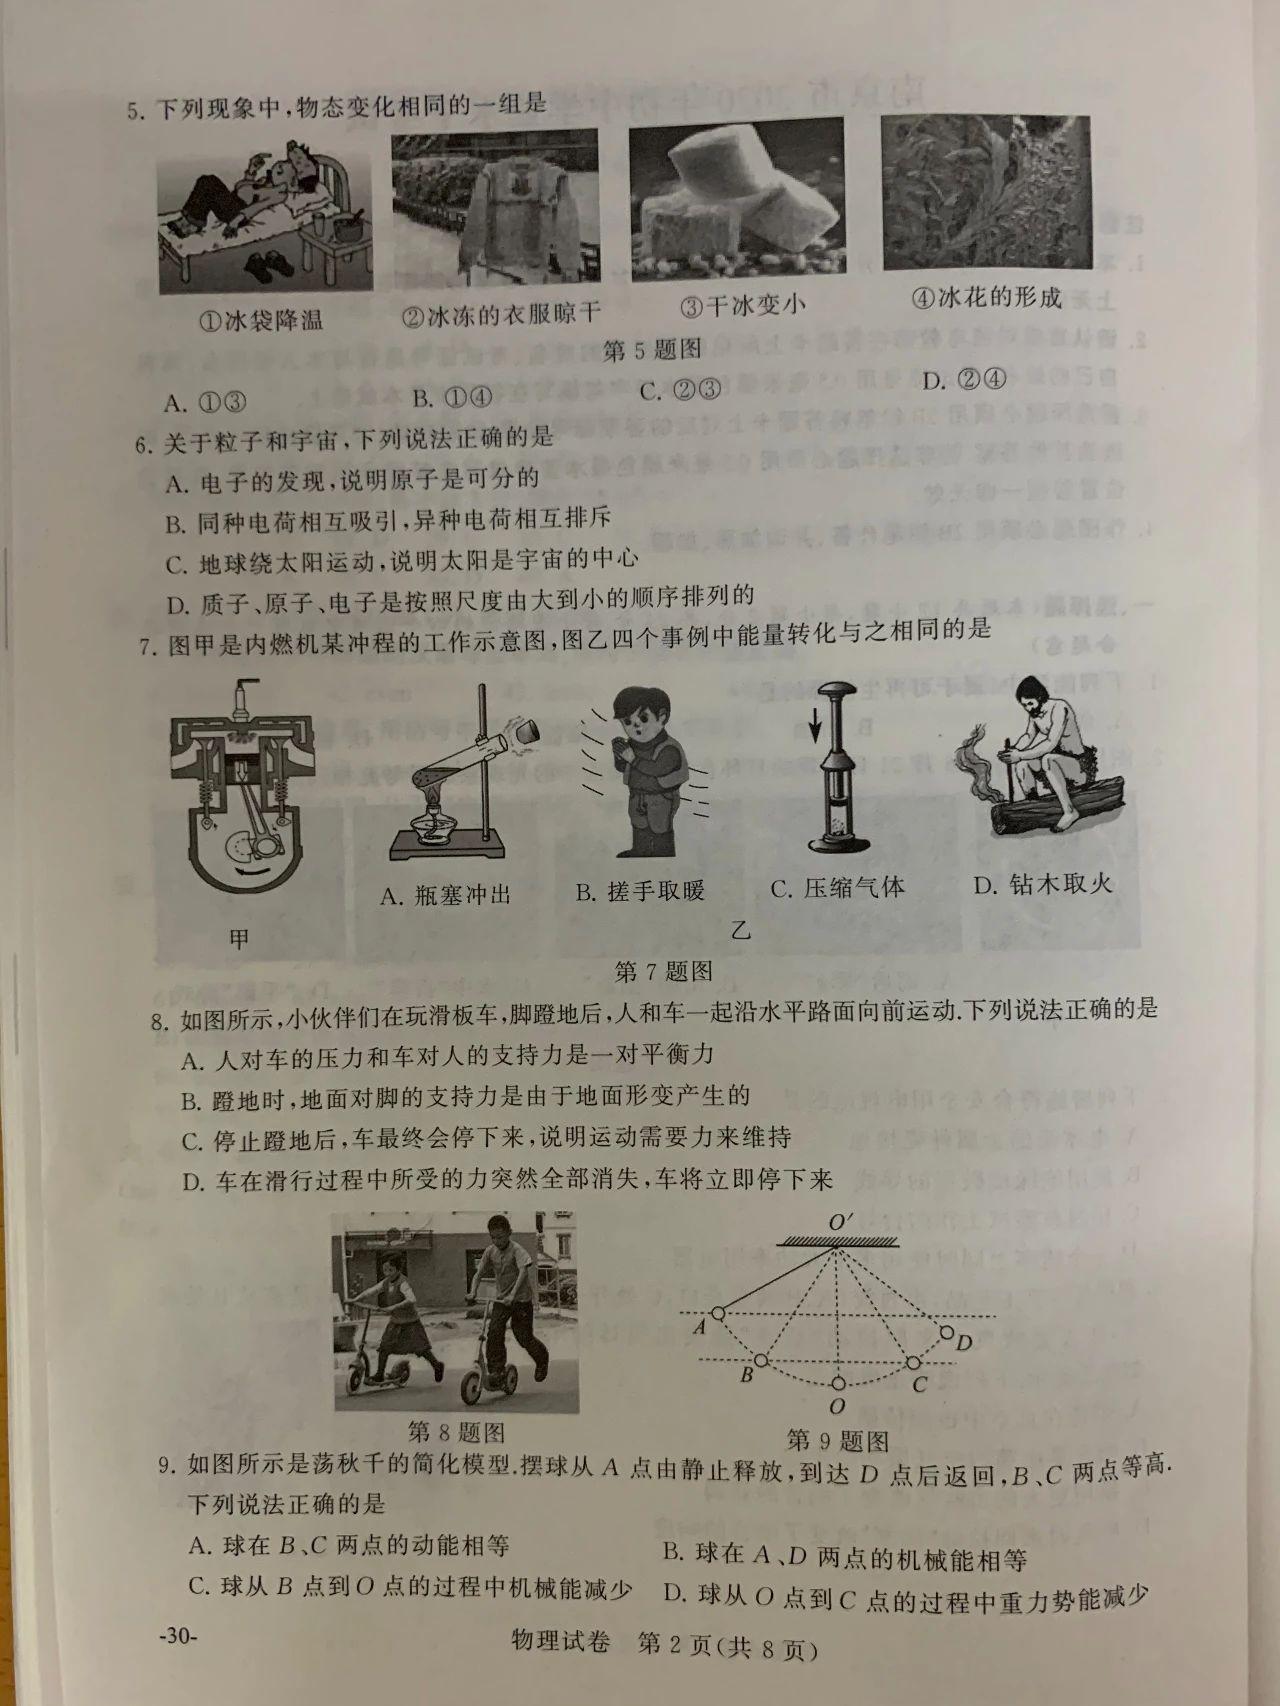 南京市2020年中考物理试卷及答案,中考之后暑假怎么过?